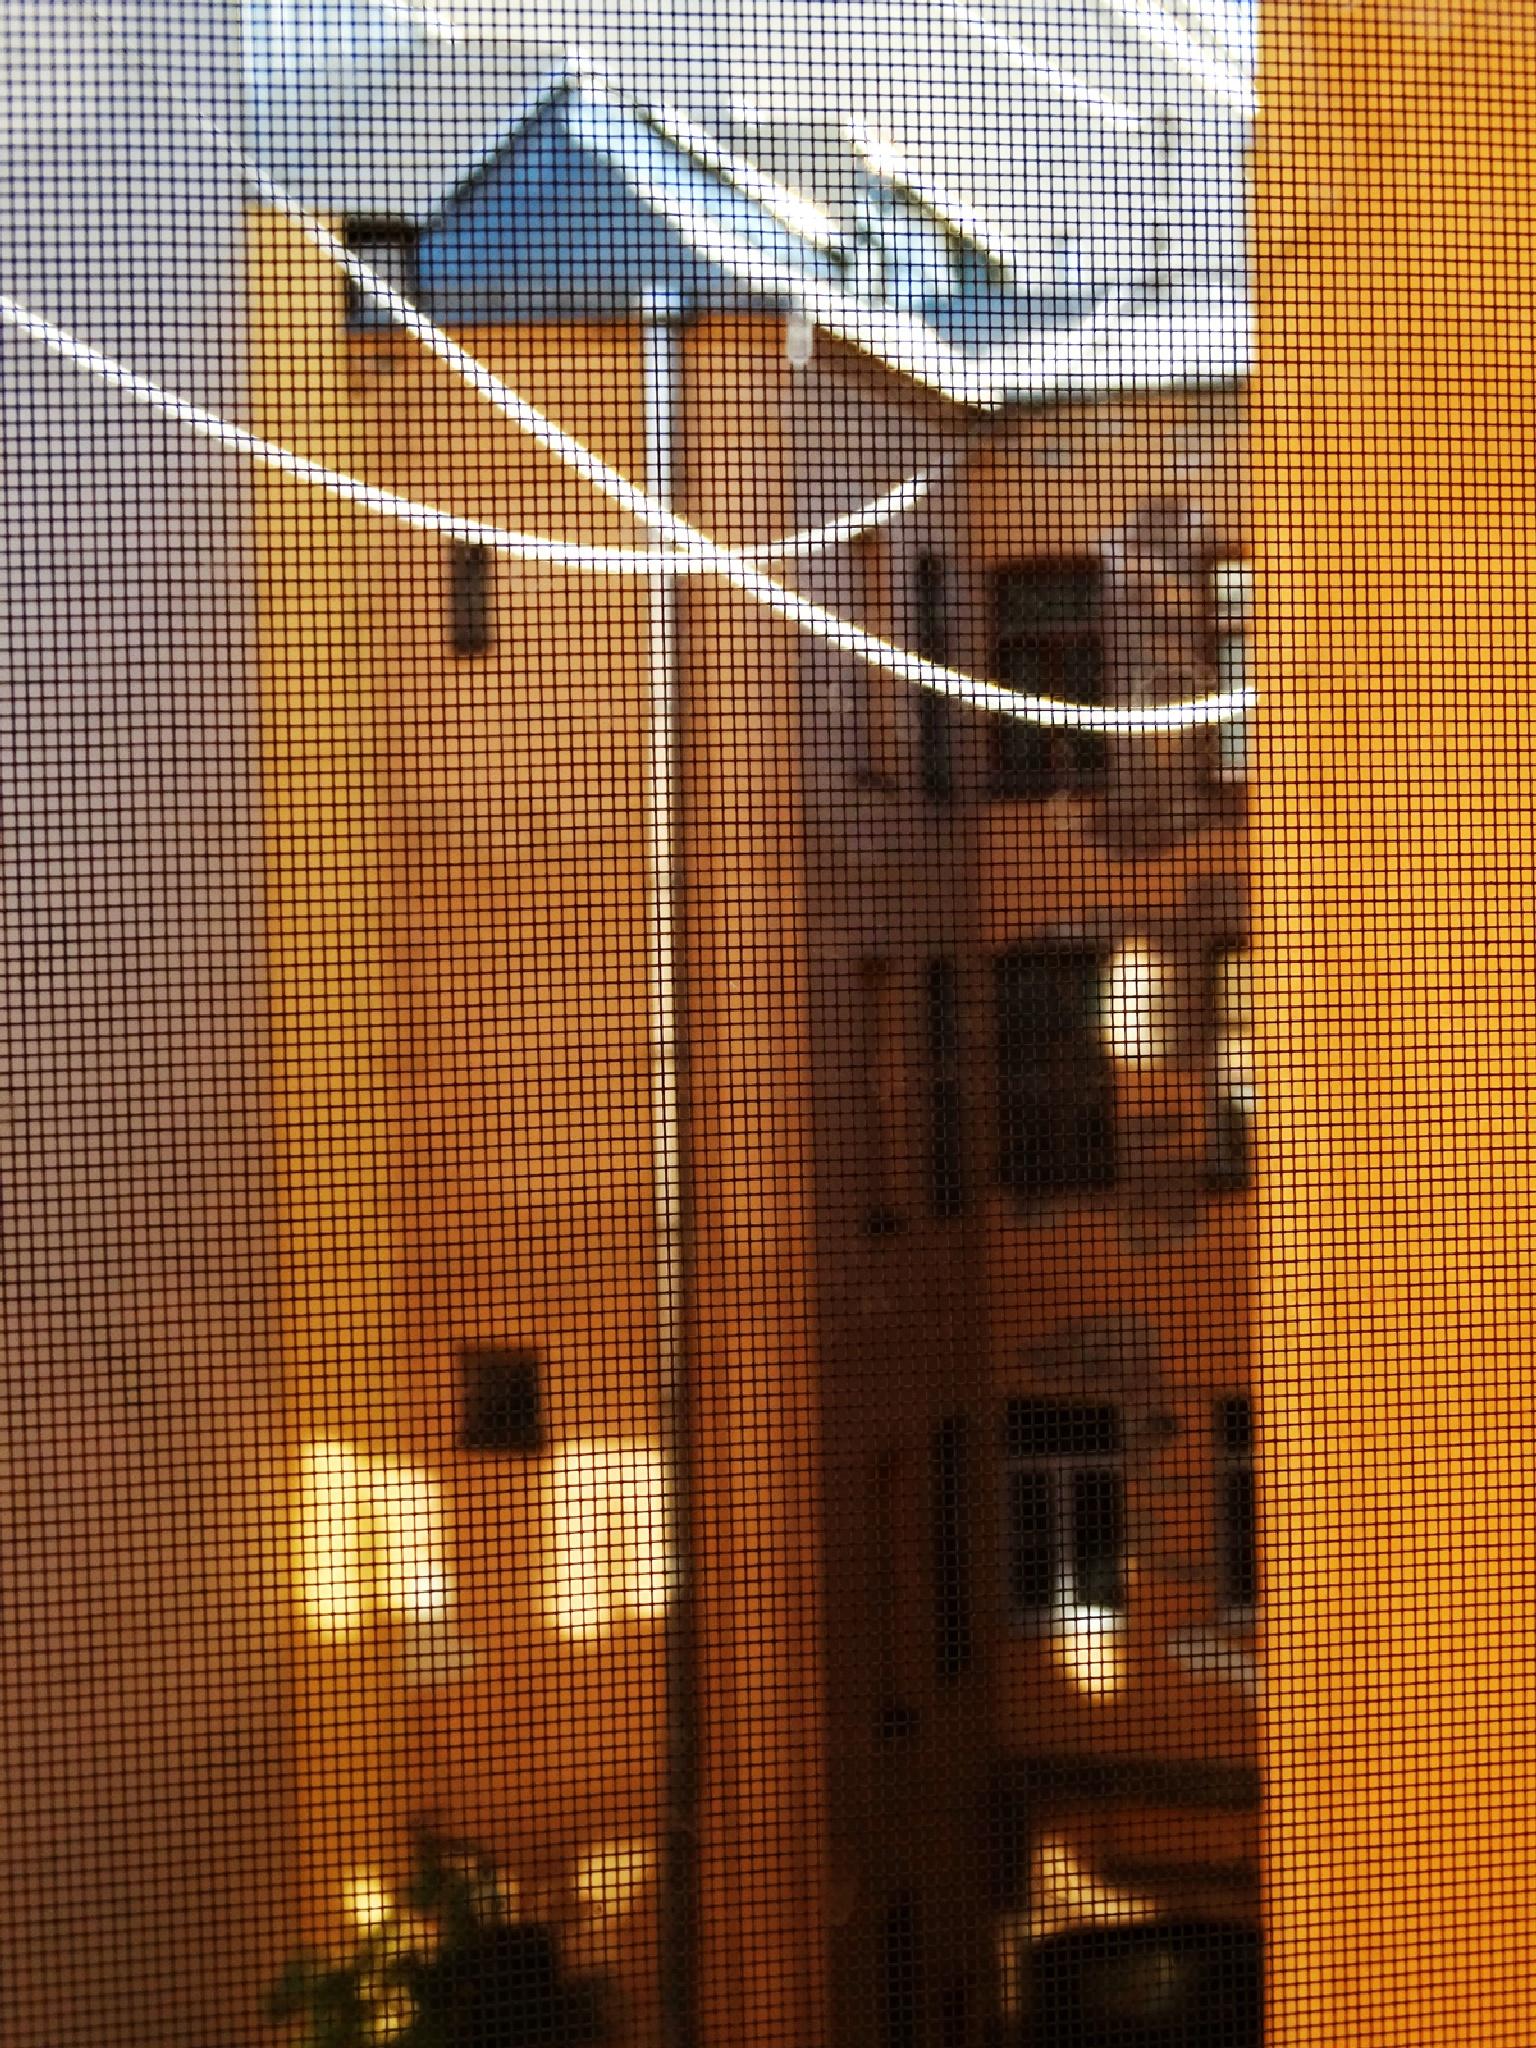 Вид из окна на солнечный дворик by tarutinaolga2012